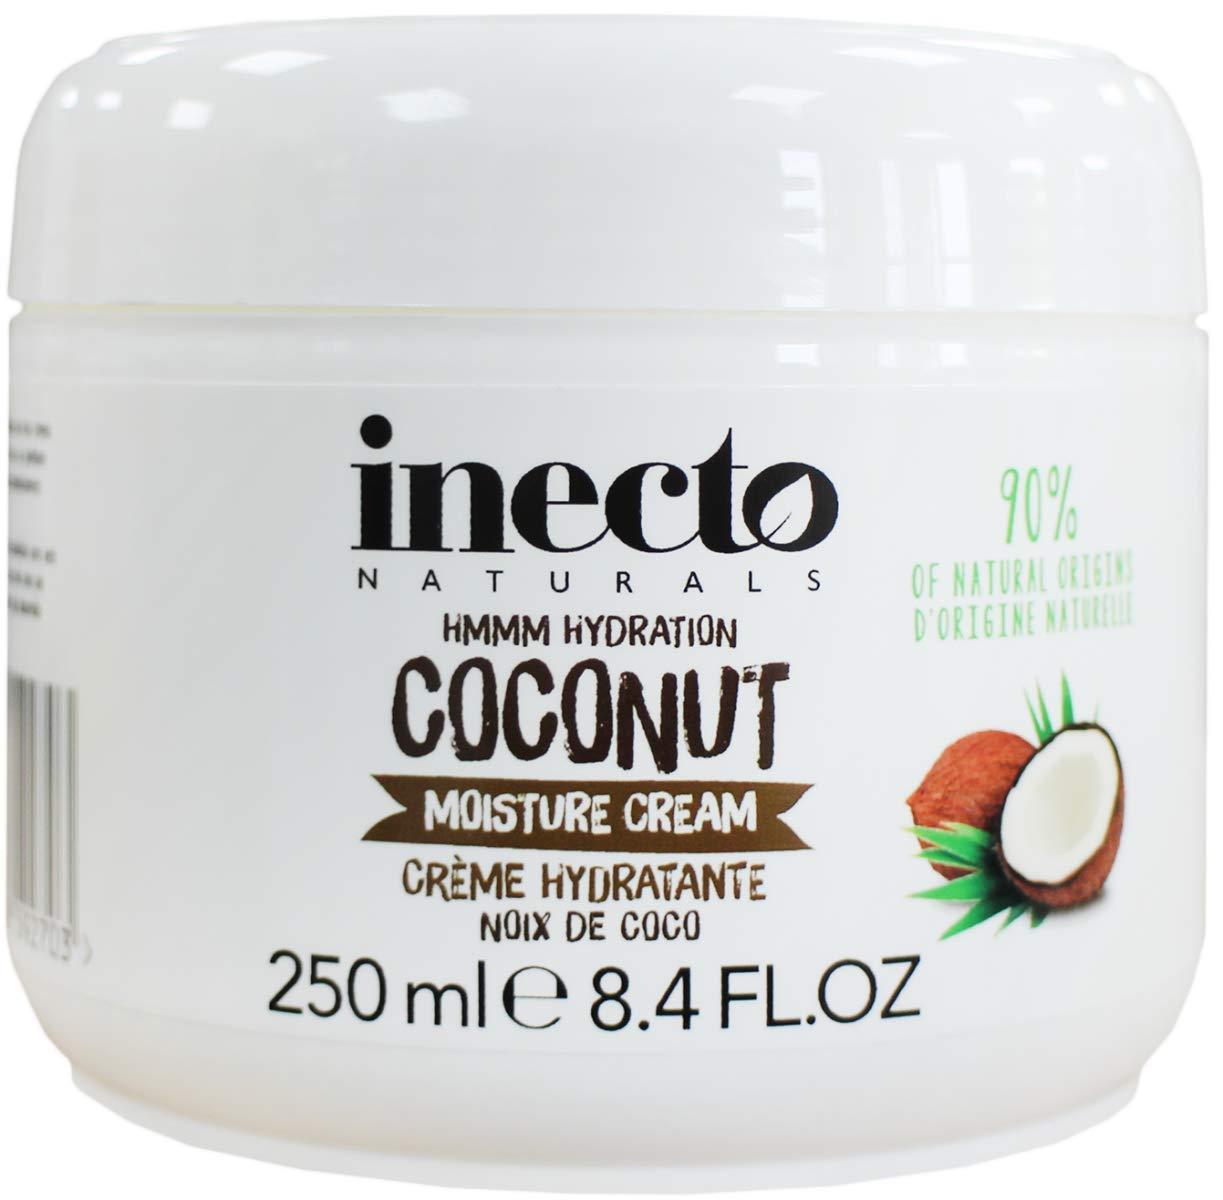 Inecto Naturals Moisture Cream, Coconut, 250 millilitre